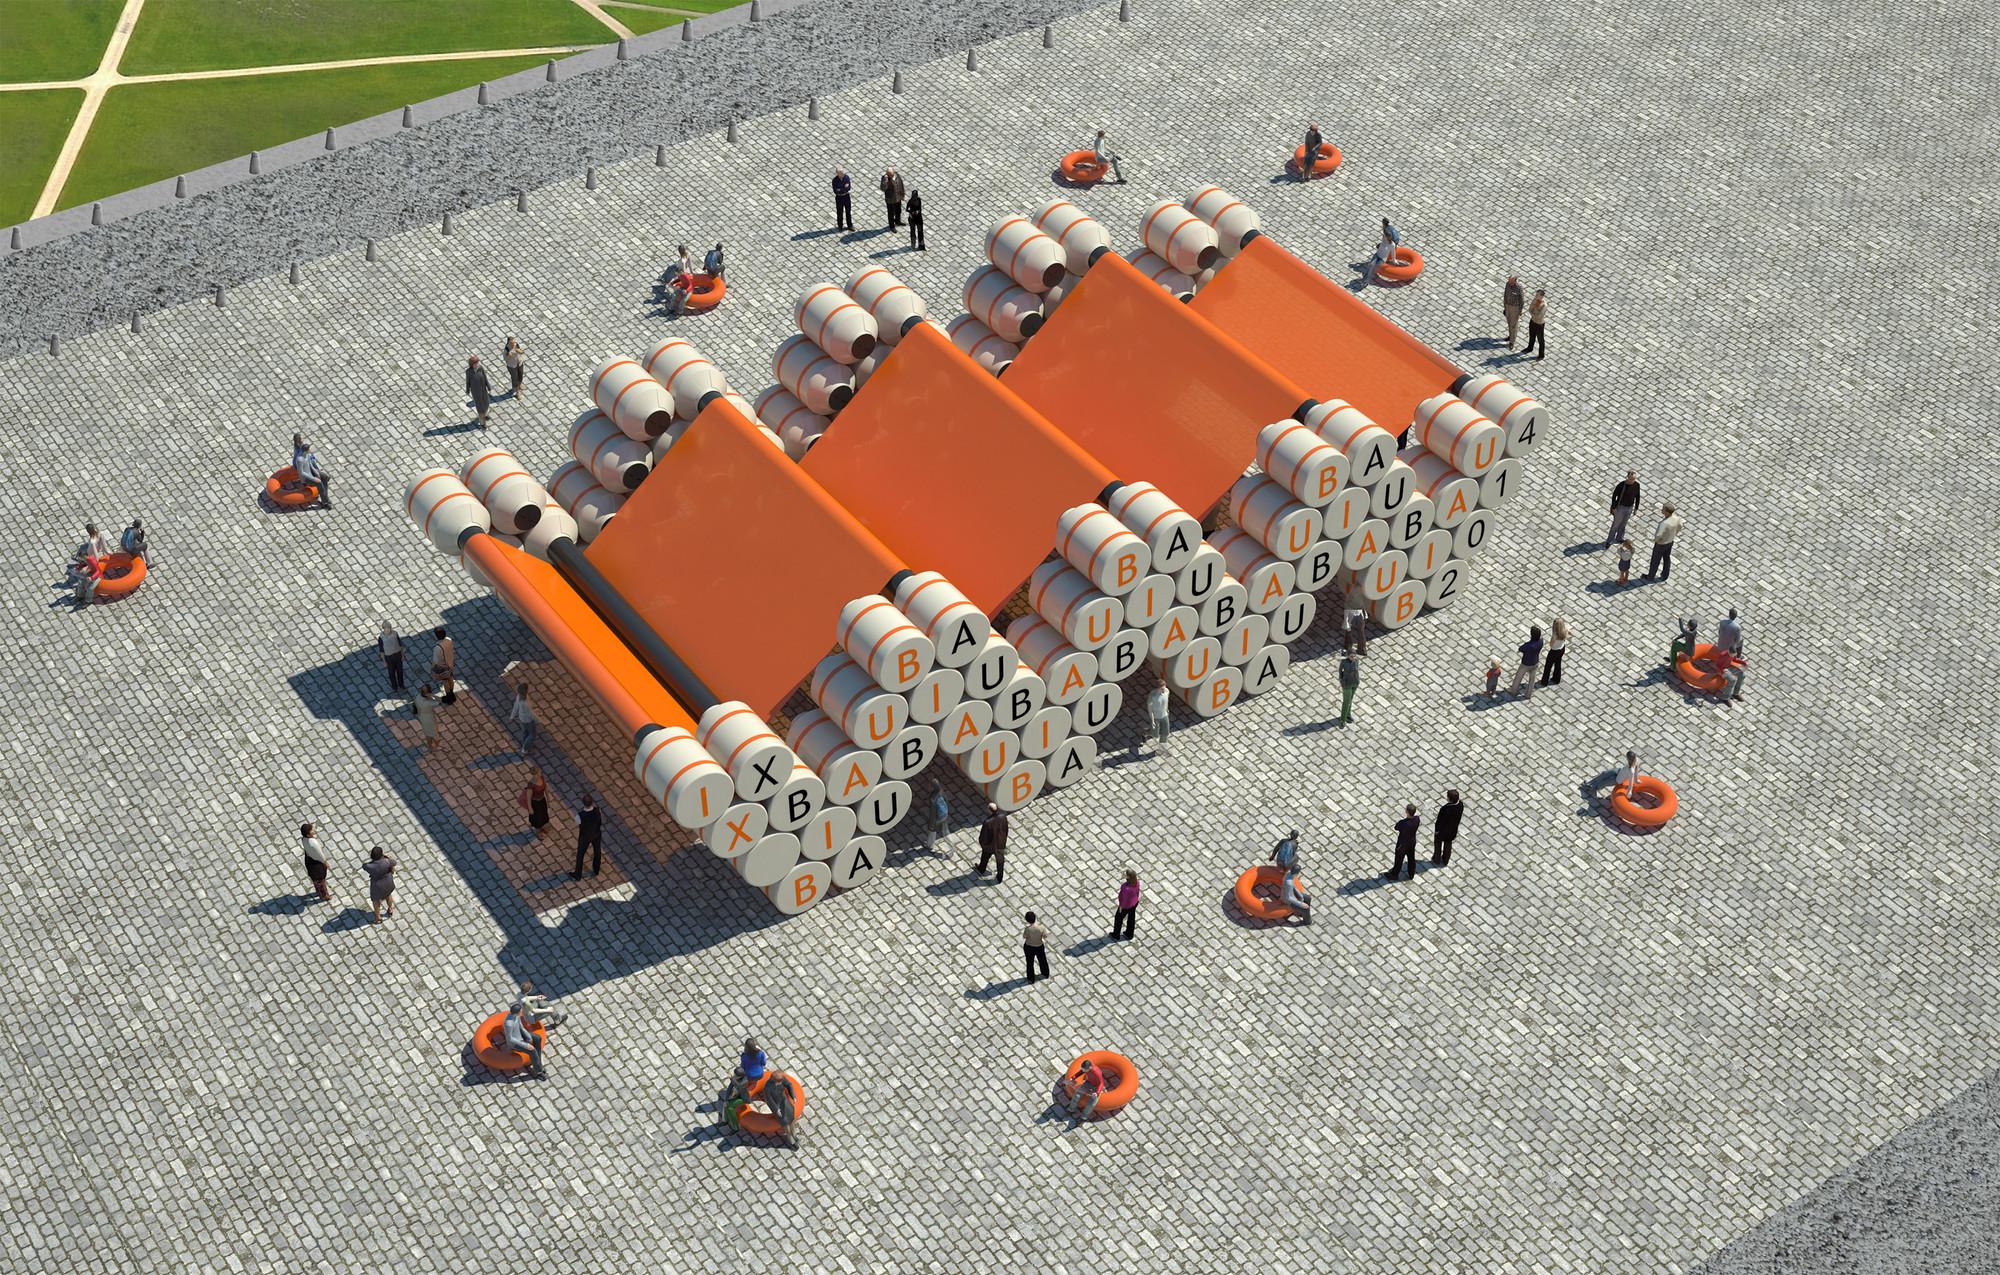 IX BIAU: proponen pabellón temporal construido con tanques de agua a utilizar en futuro barrio residencial, Courtesy of Stereo Tank + Federico Pellegrini